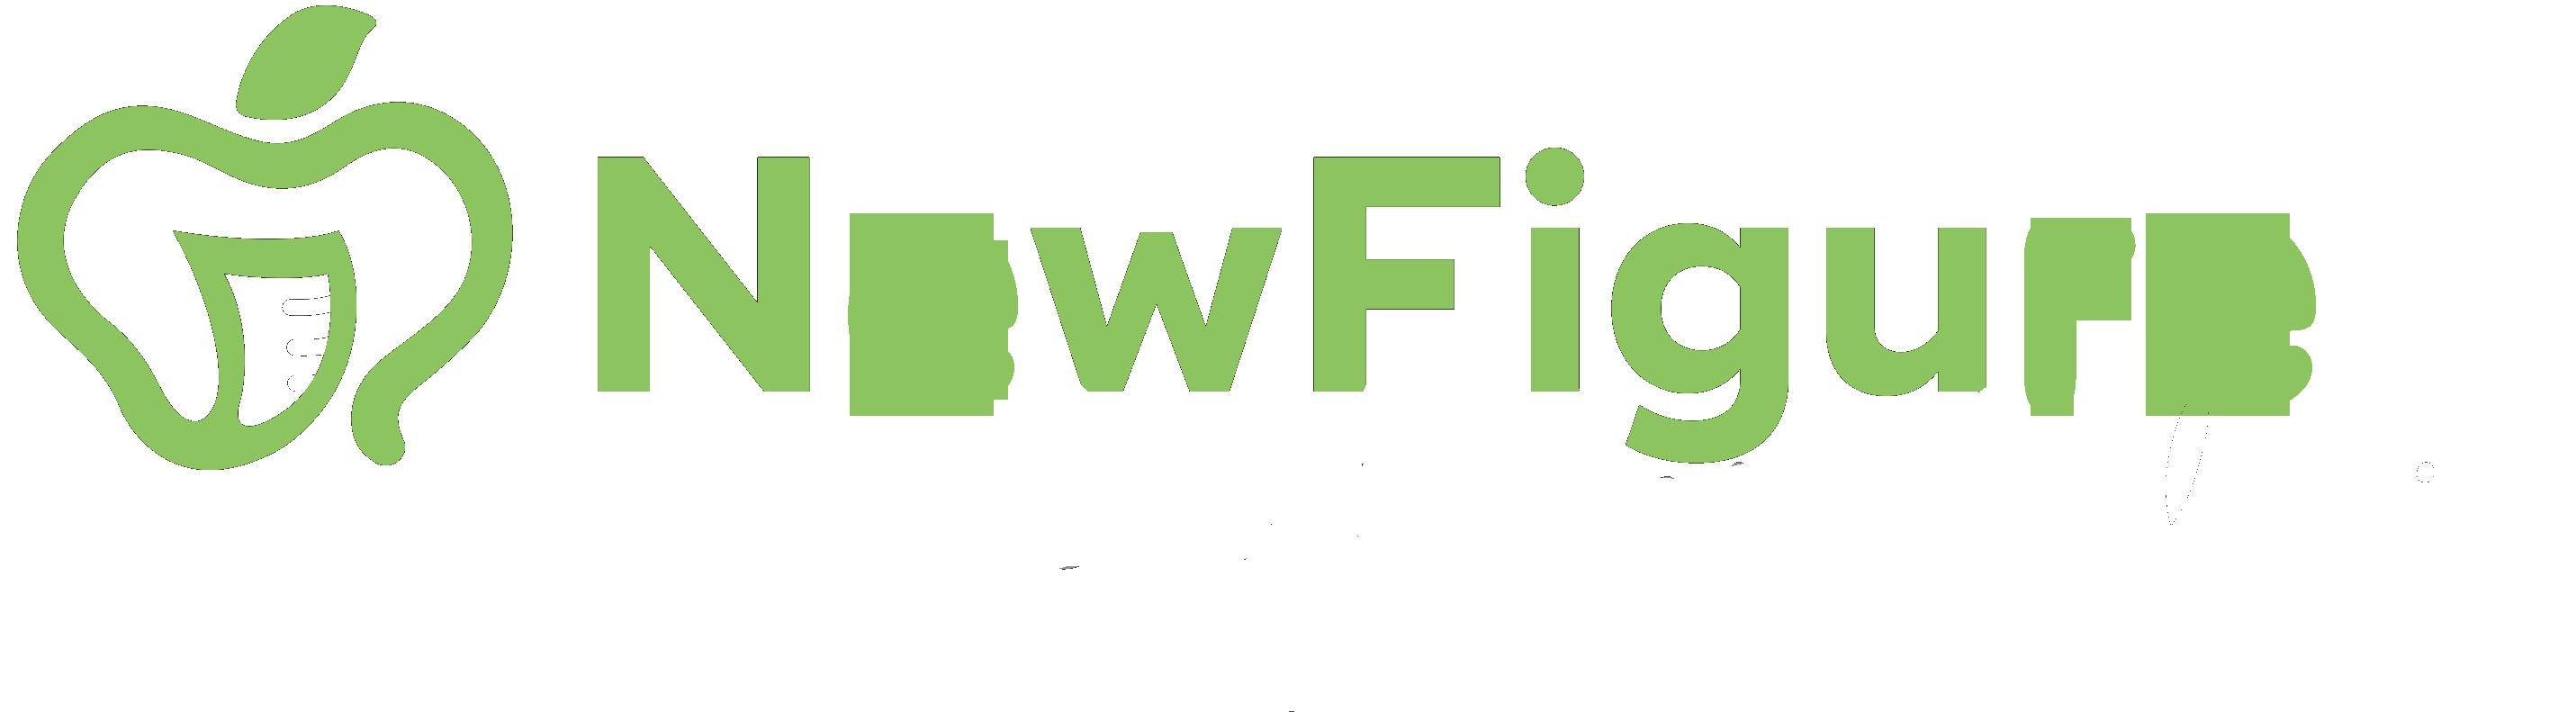 logo newfigure heerenveen